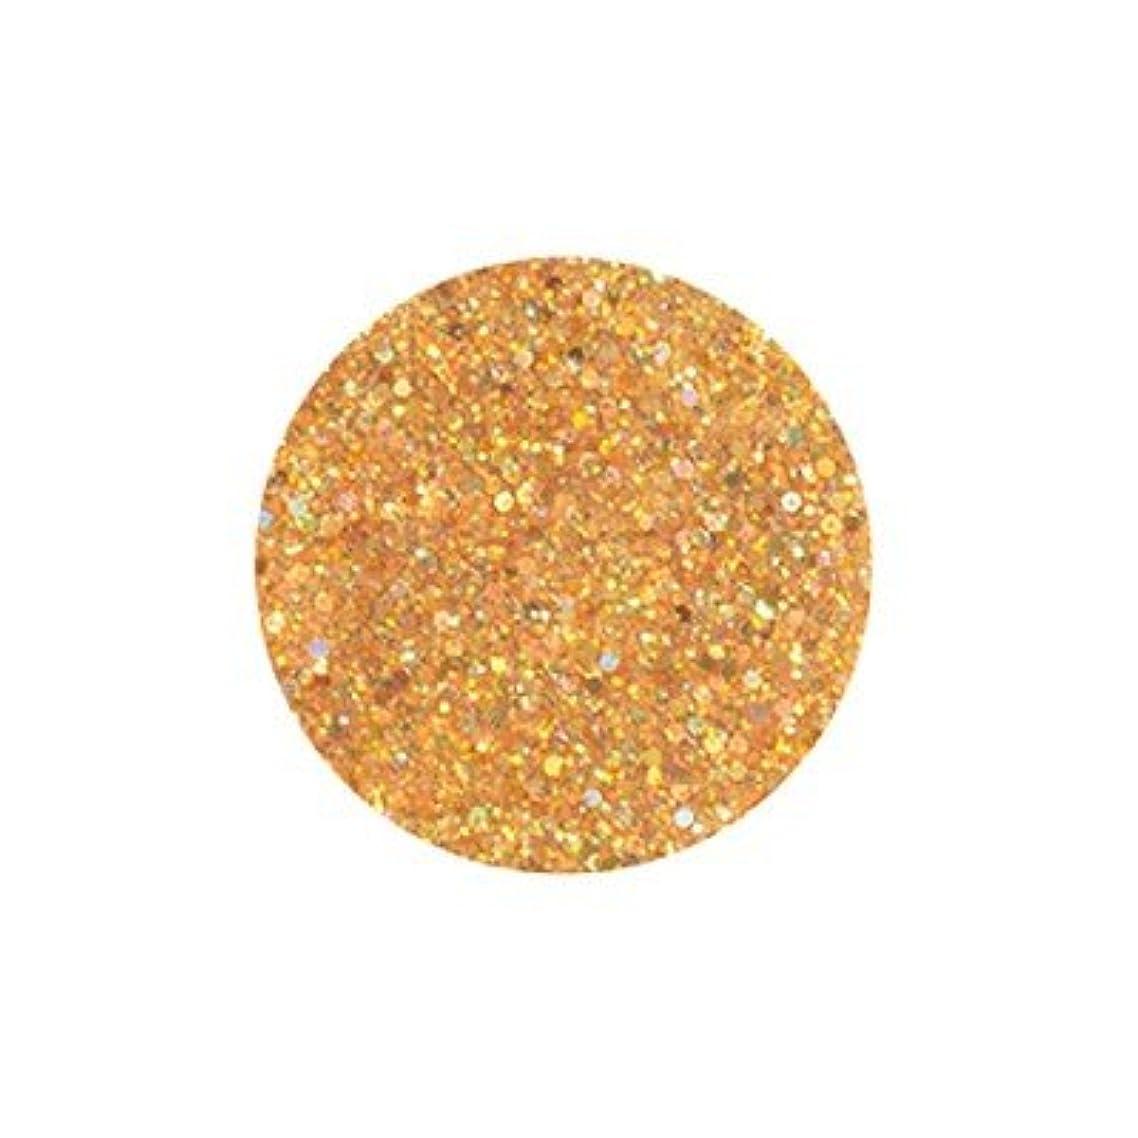 品安価な北米FANTASY NAIL ダイヤモンドコレクション 3g 4254XS カラーパウダー アート材